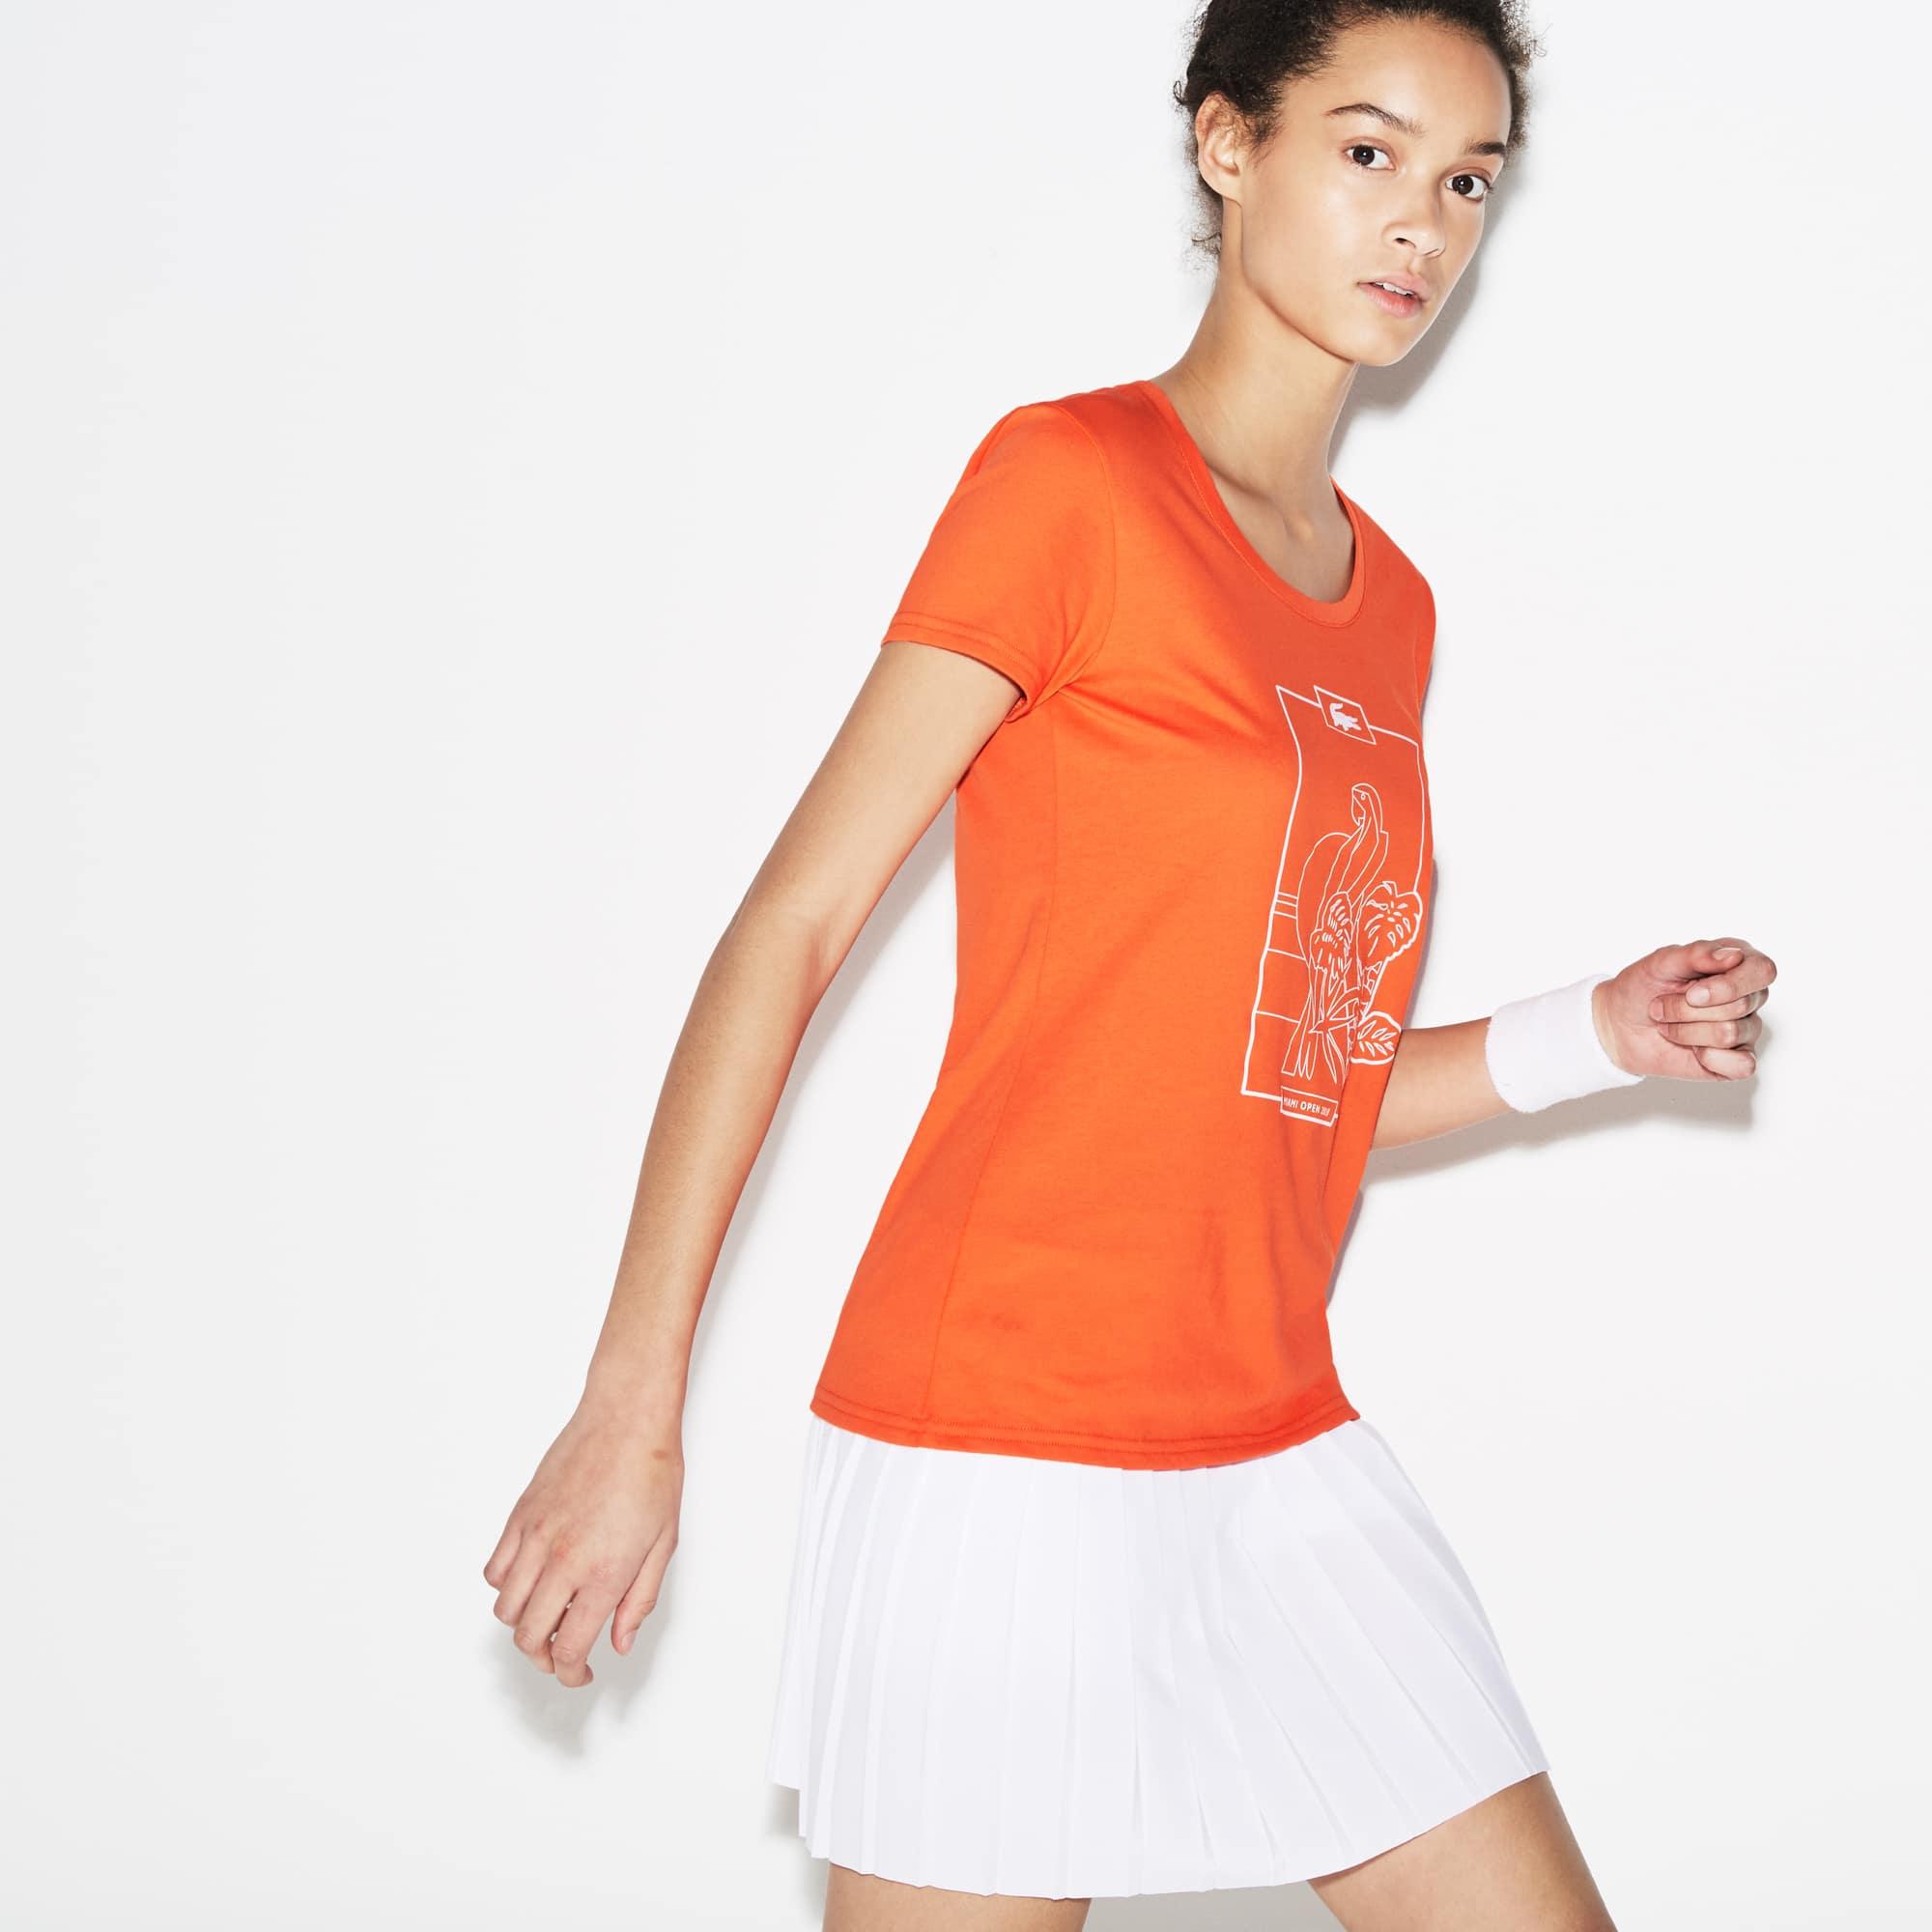 Women's SPORT Miami Open Design Jersey Tennis T-shirt